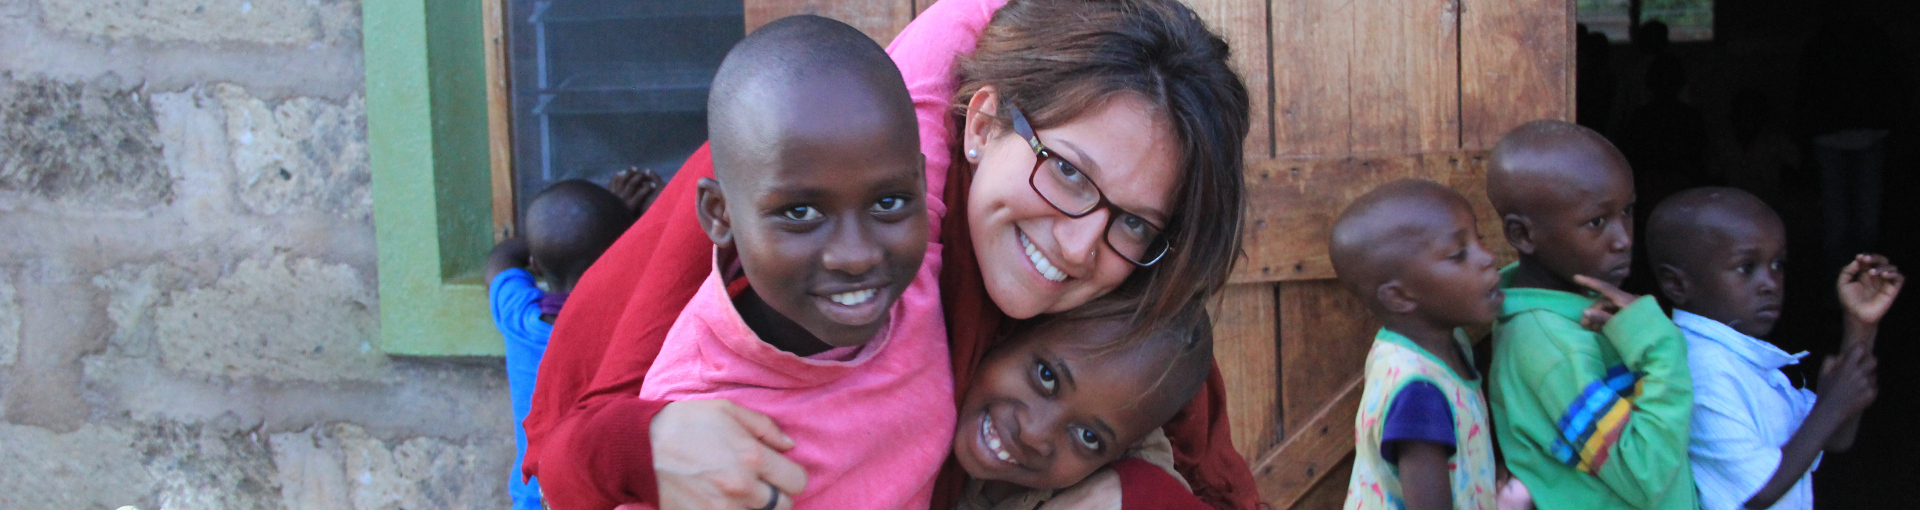 Cosa puoi fare tu in Kenya Valdisole Solidale